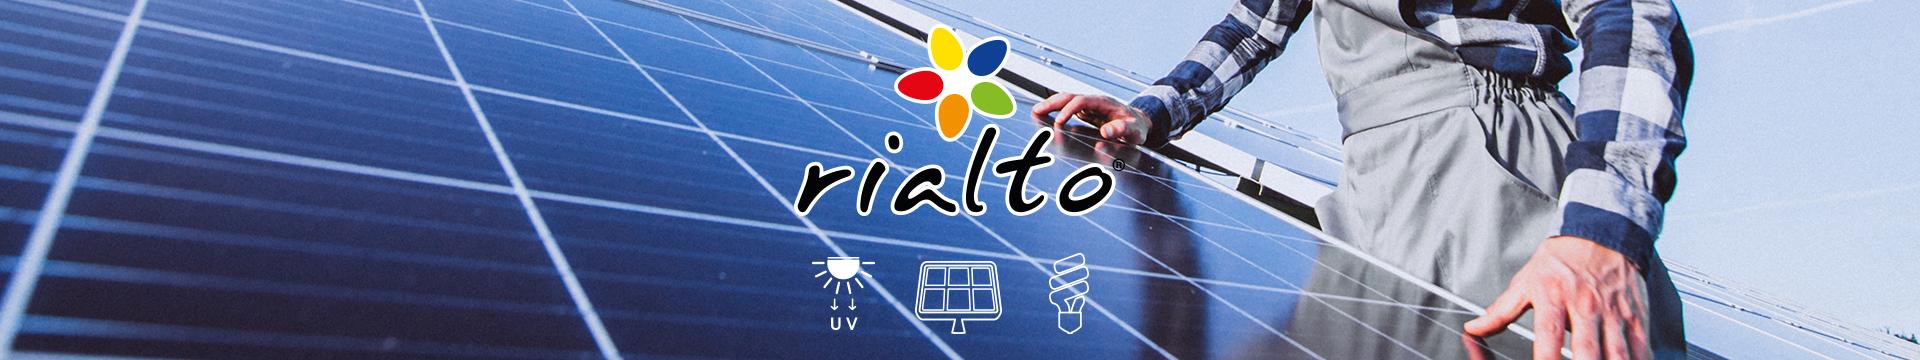 Rialto instala painéis solares